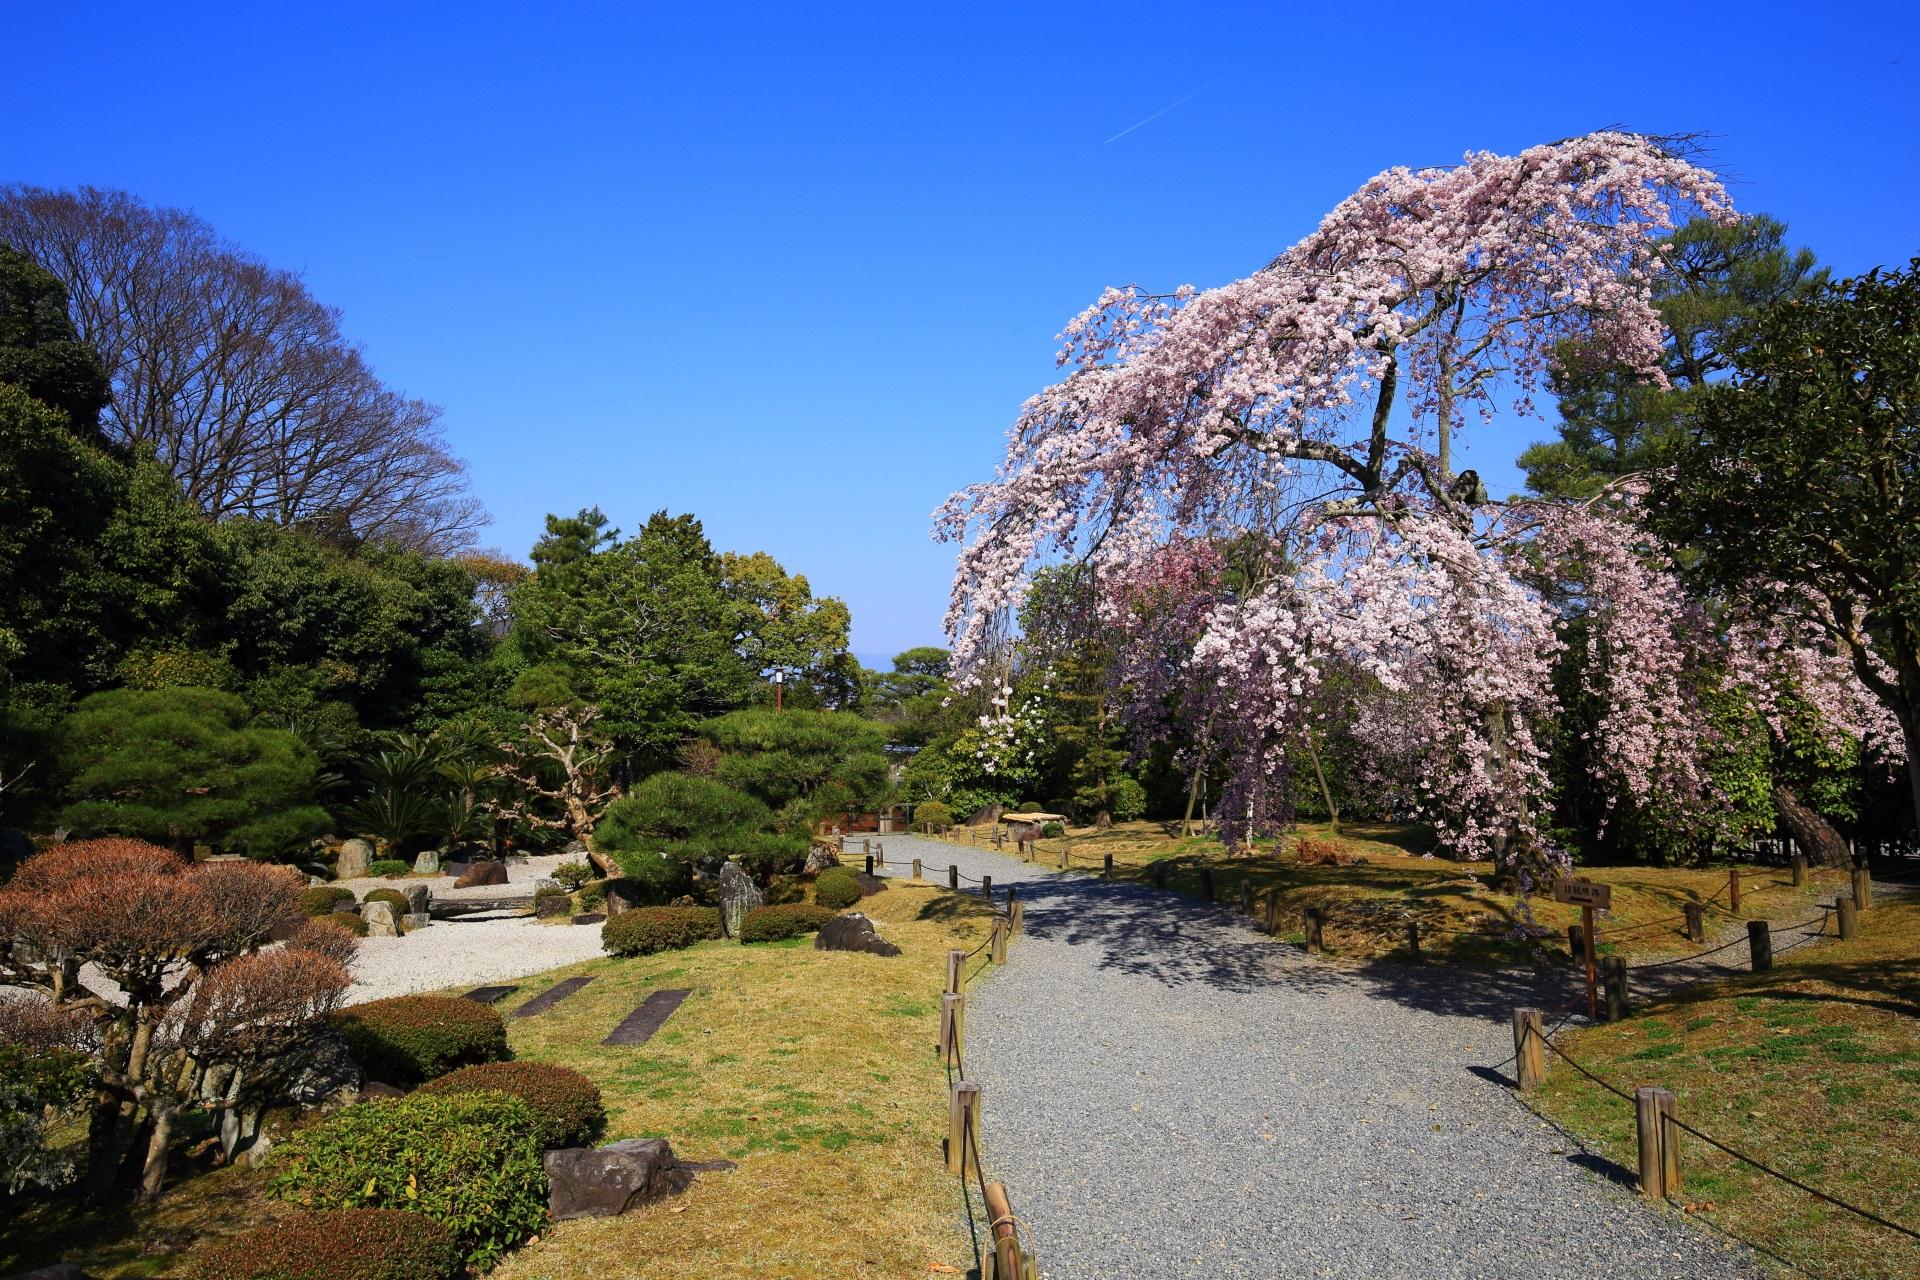 友禅苑の見事な枯山水庭園に佇むしだれ桜